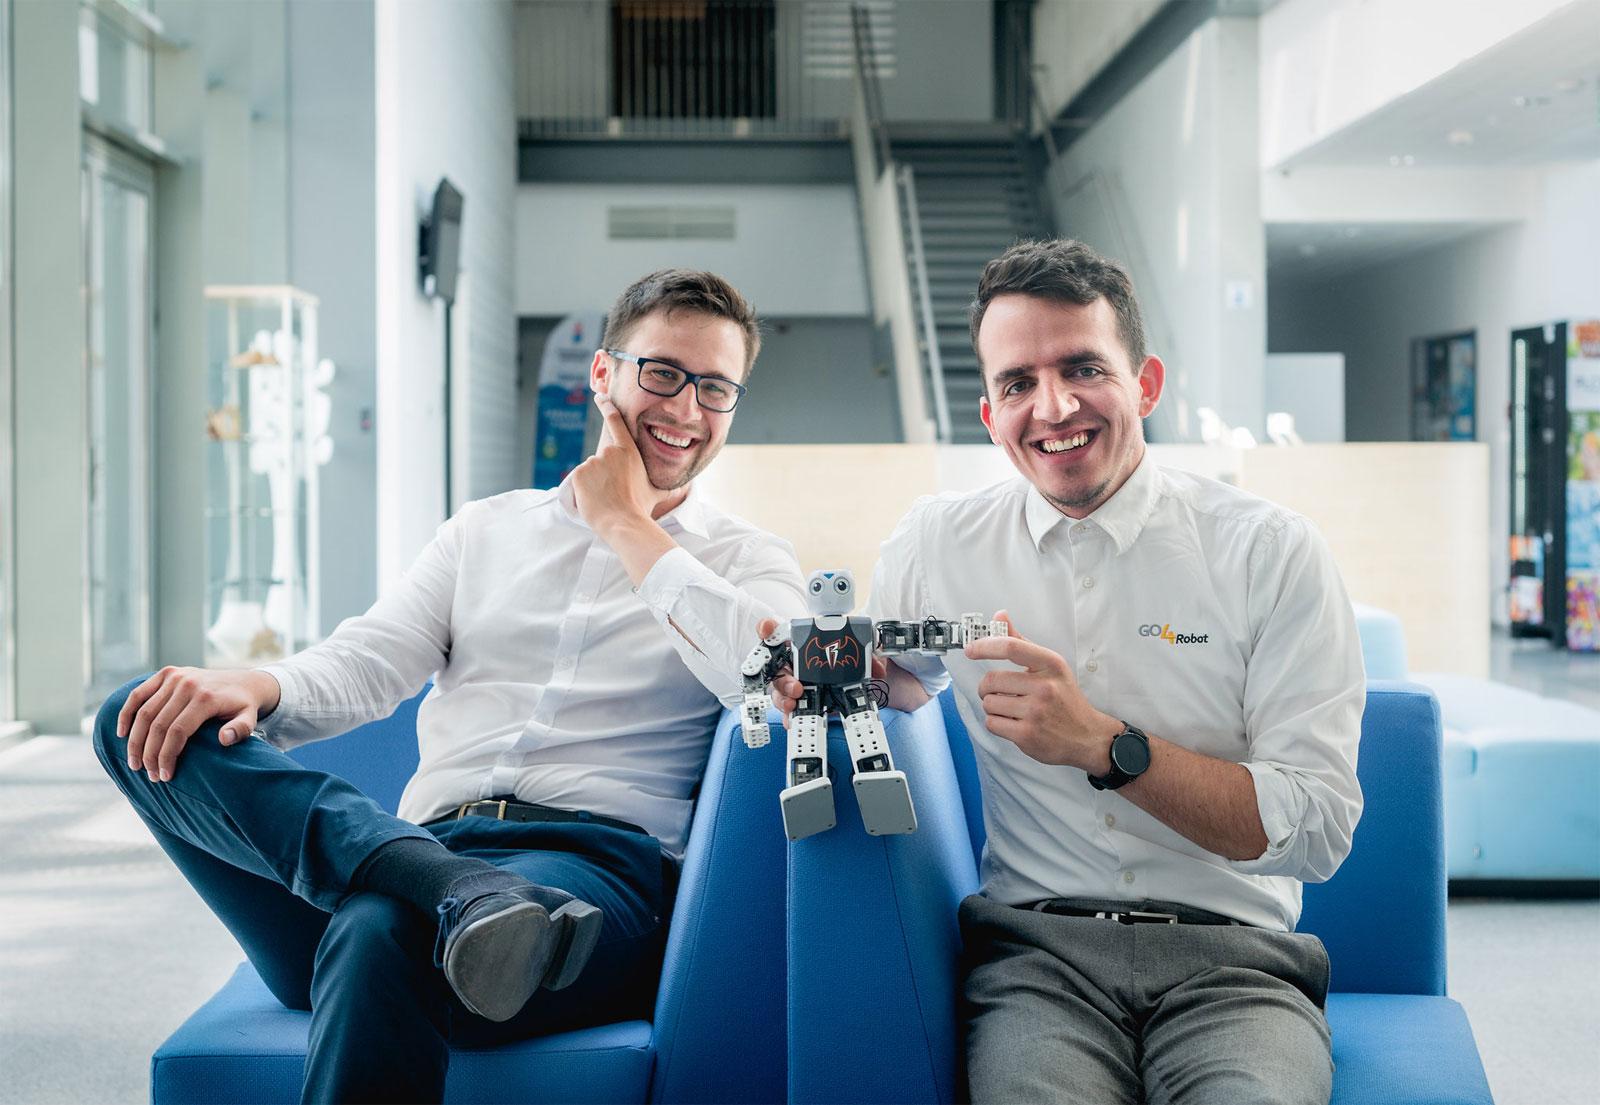 Marek Maj i Jarosław Kałasz, założyciele Go4Robot